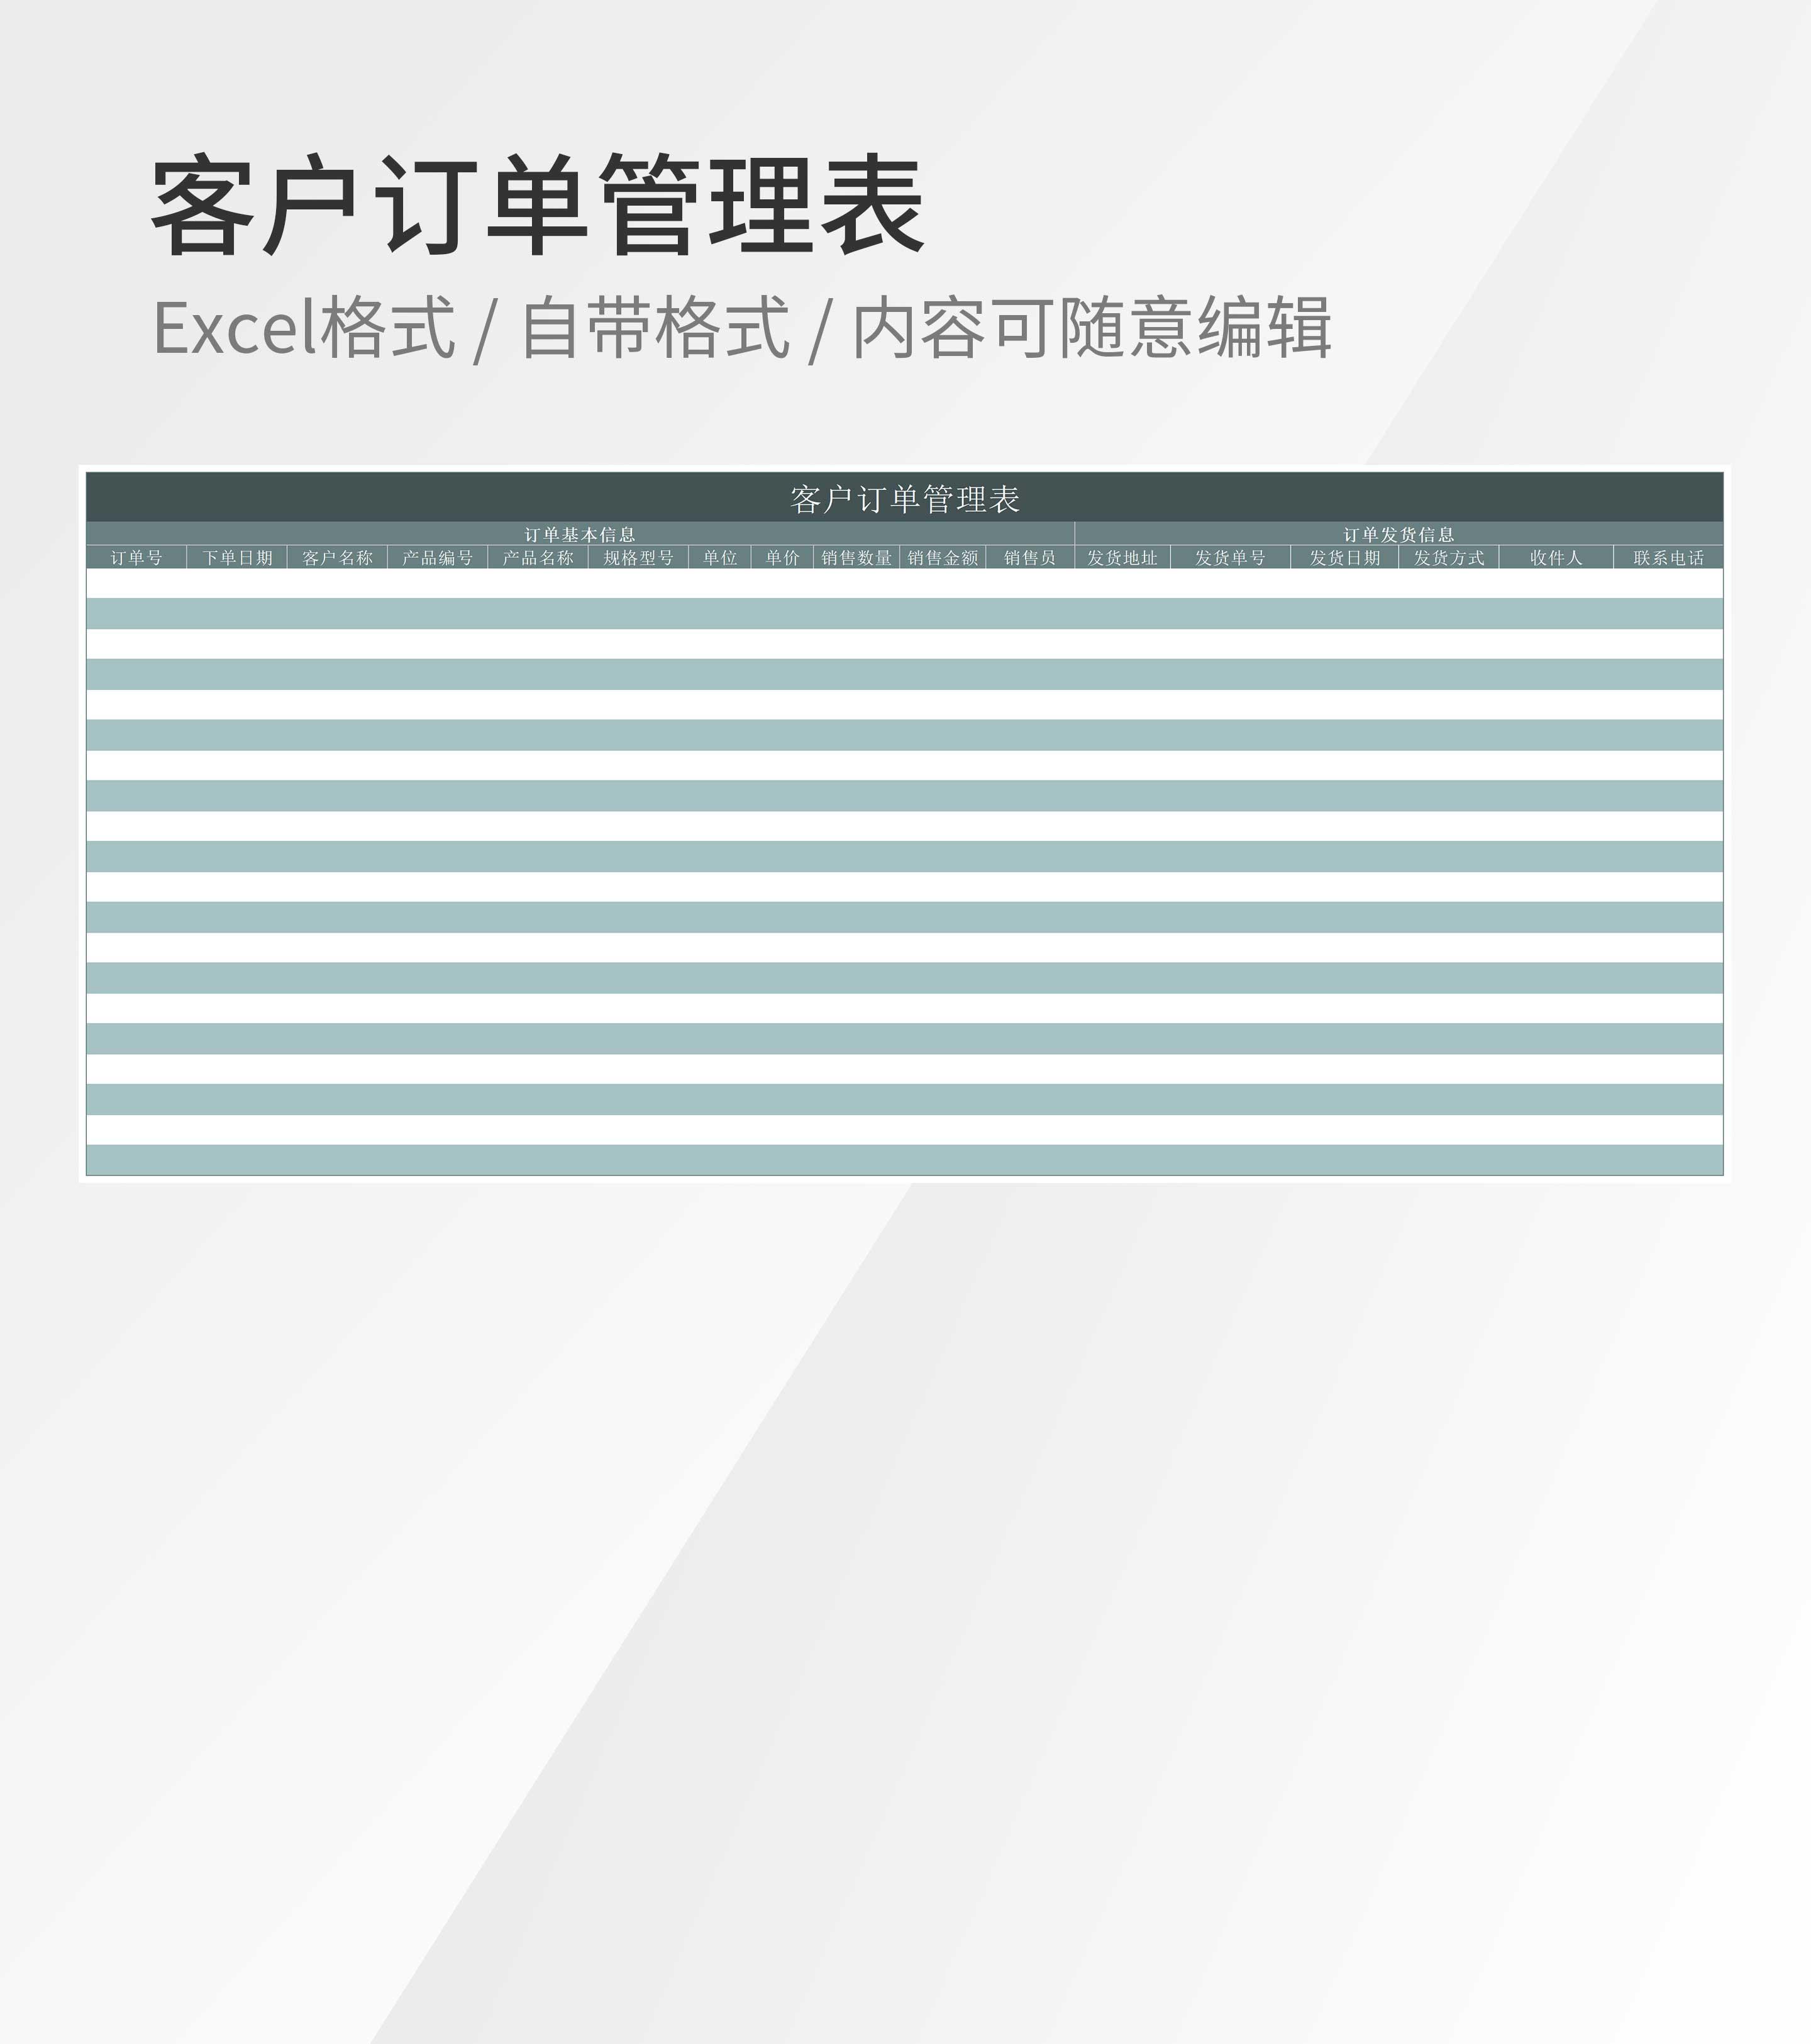 绿色客户订单管理表Excel模板